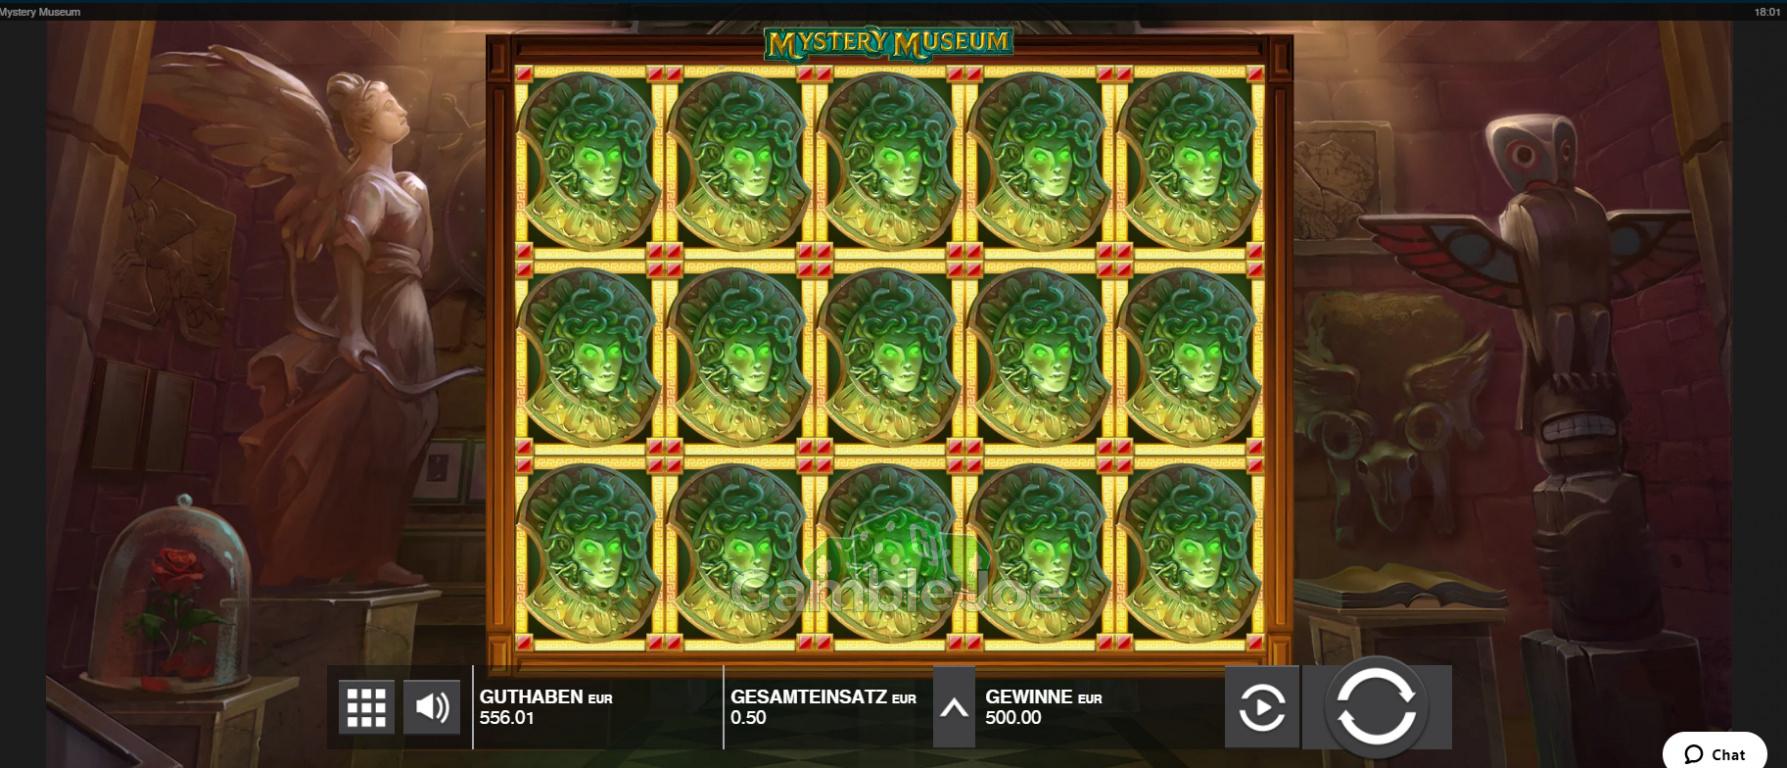 Mystery Museum Gewinnbild von GamblerNeuling